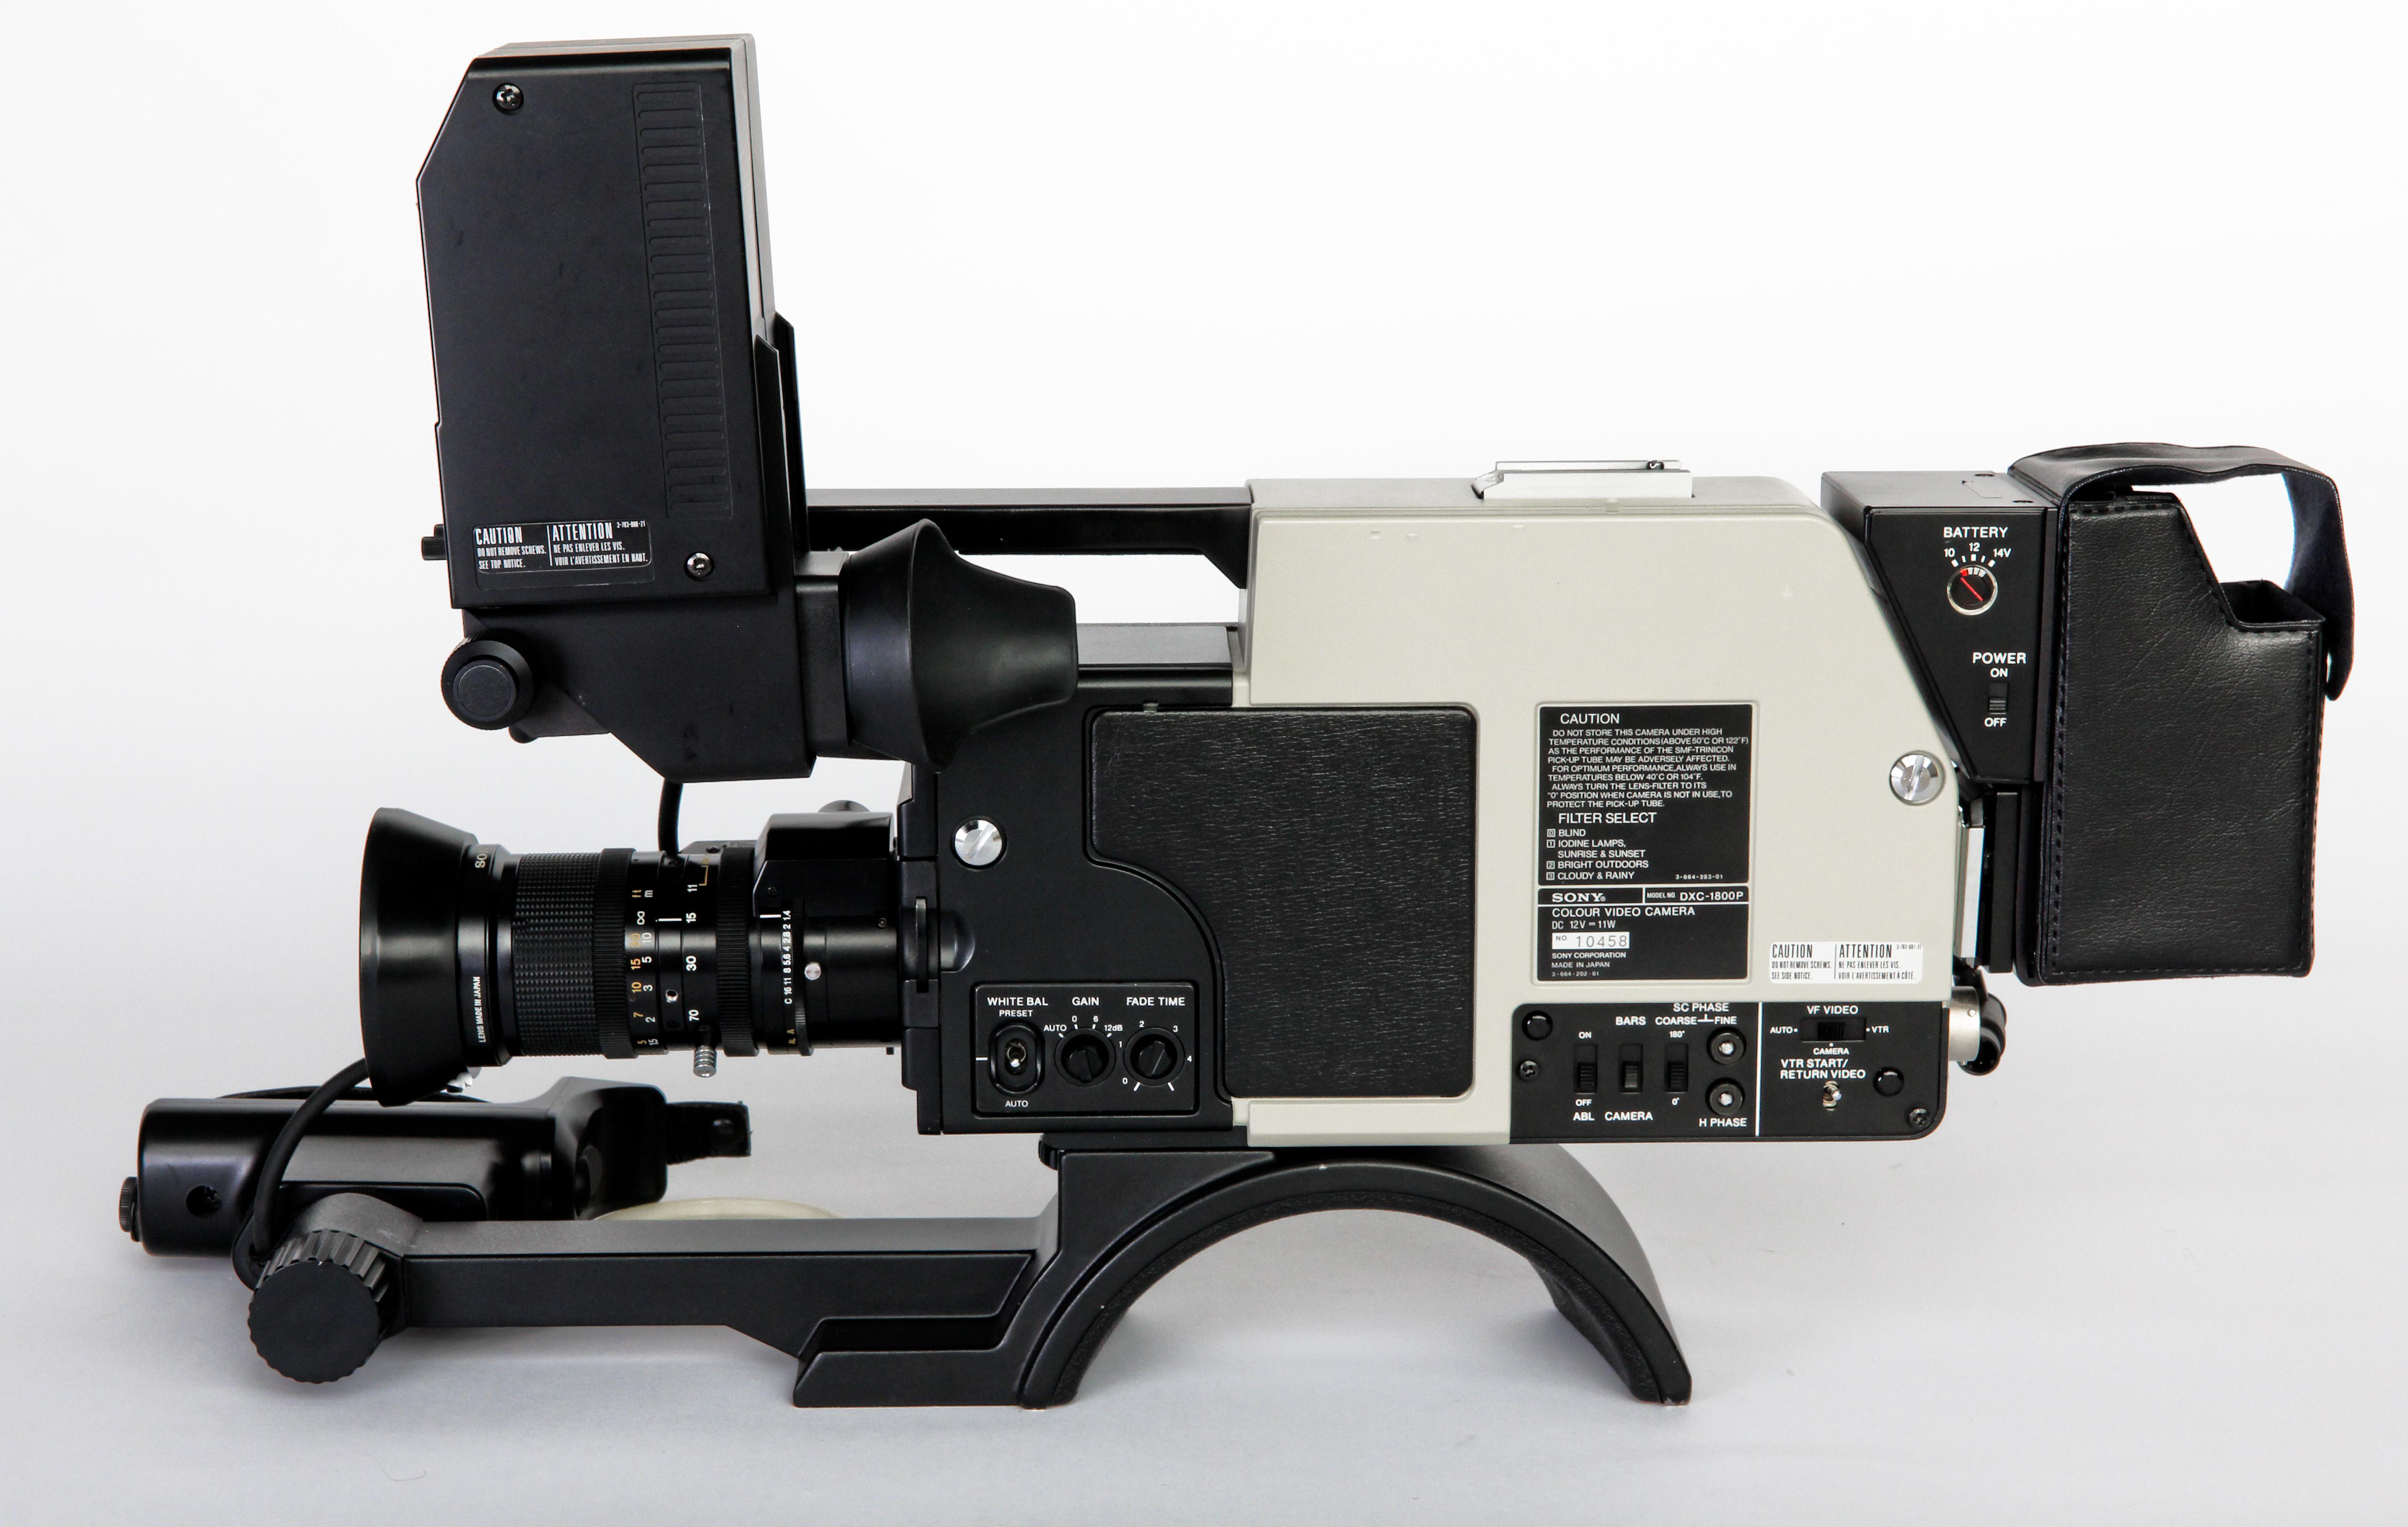 Sony DXC-1800P